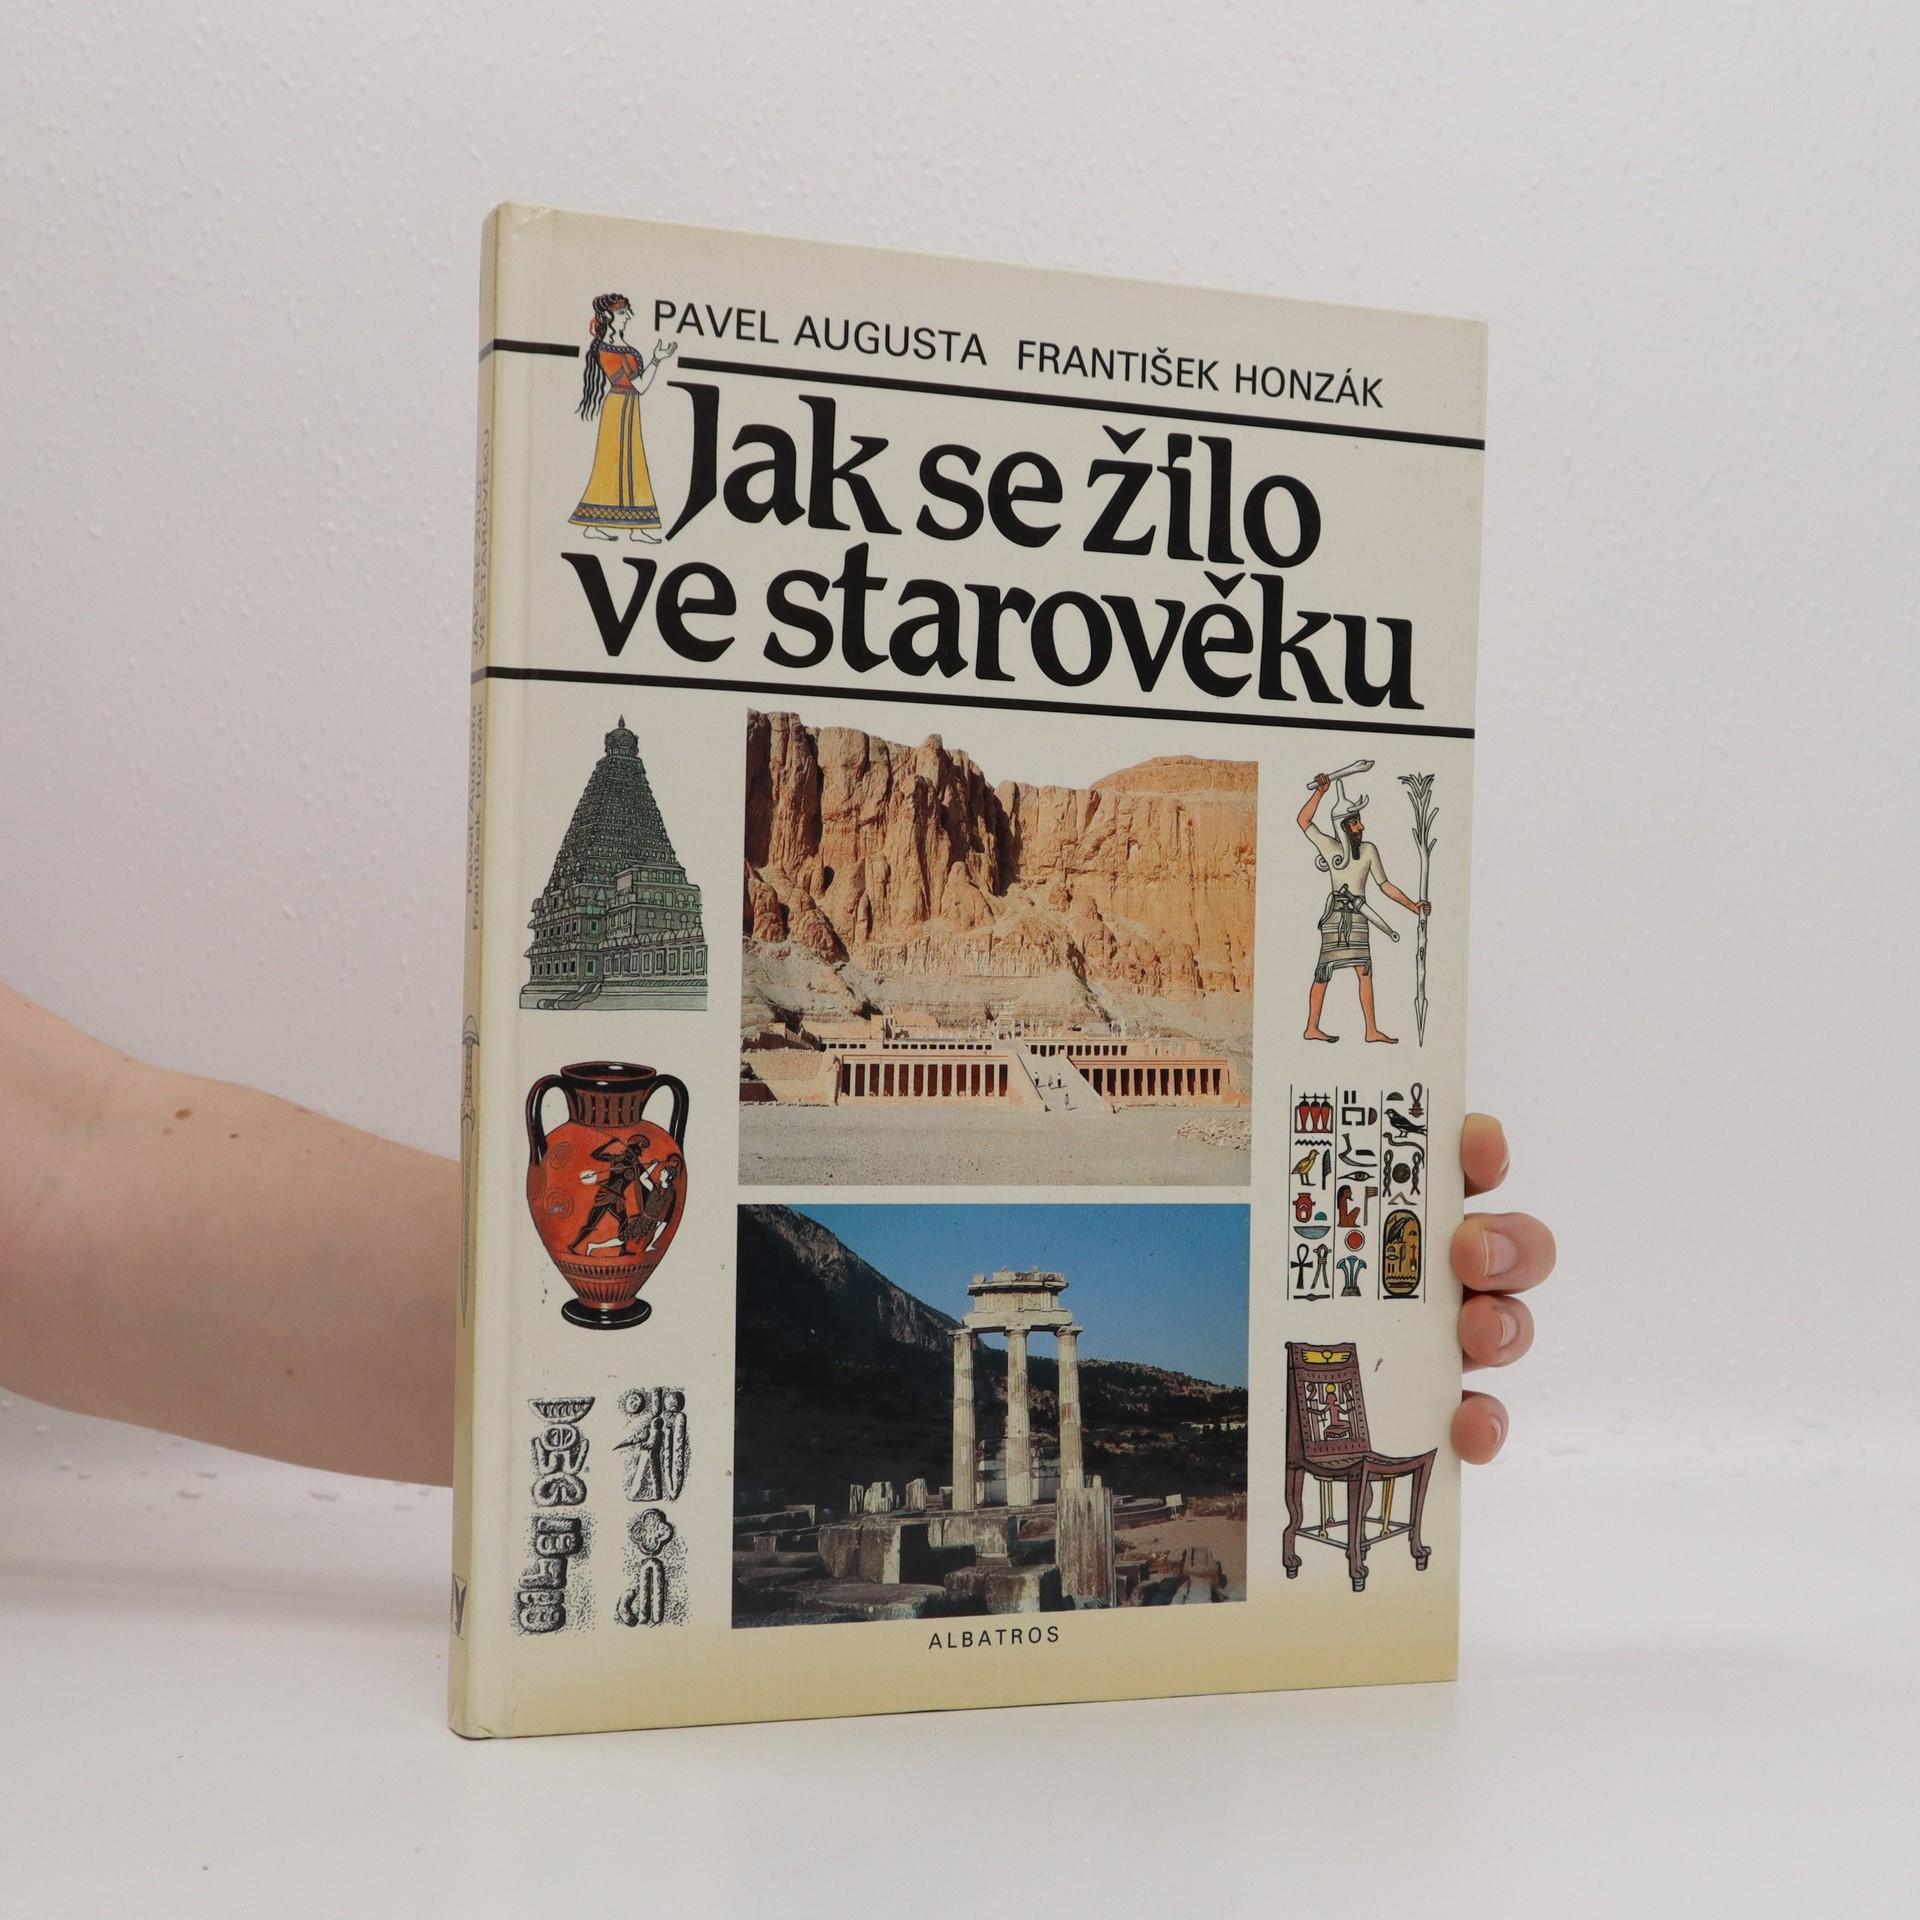 antikvární kniha Jak se žilo ve starověku, 1989